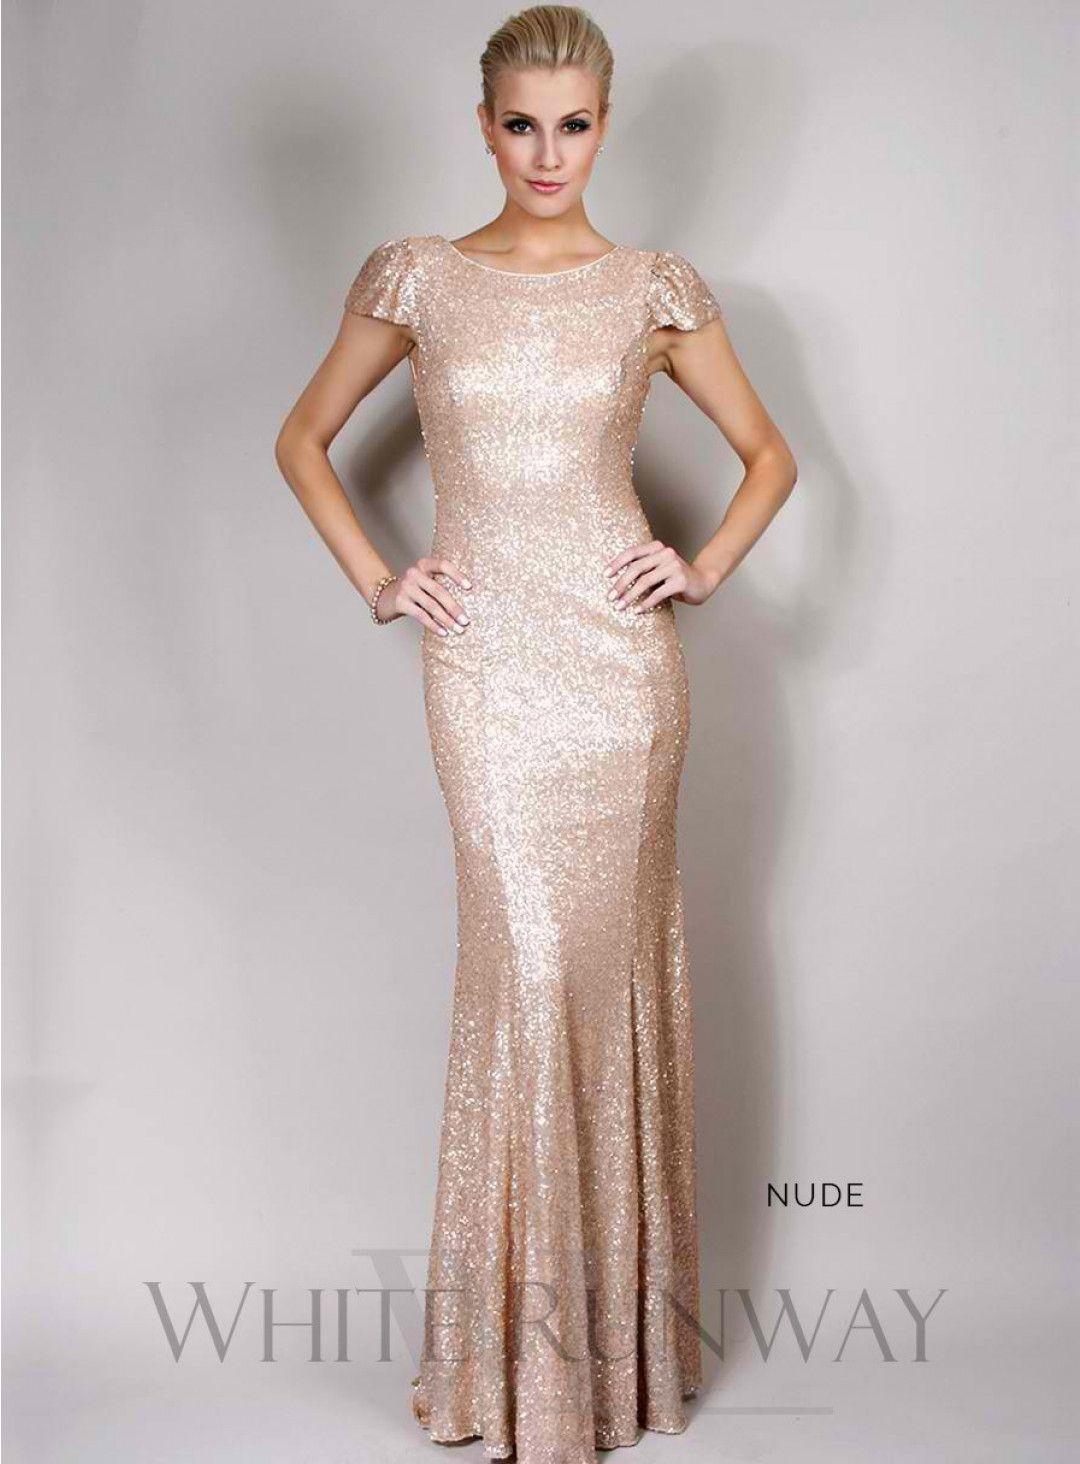 Sequinned cap sleeve dress stunning full length sequinned dress